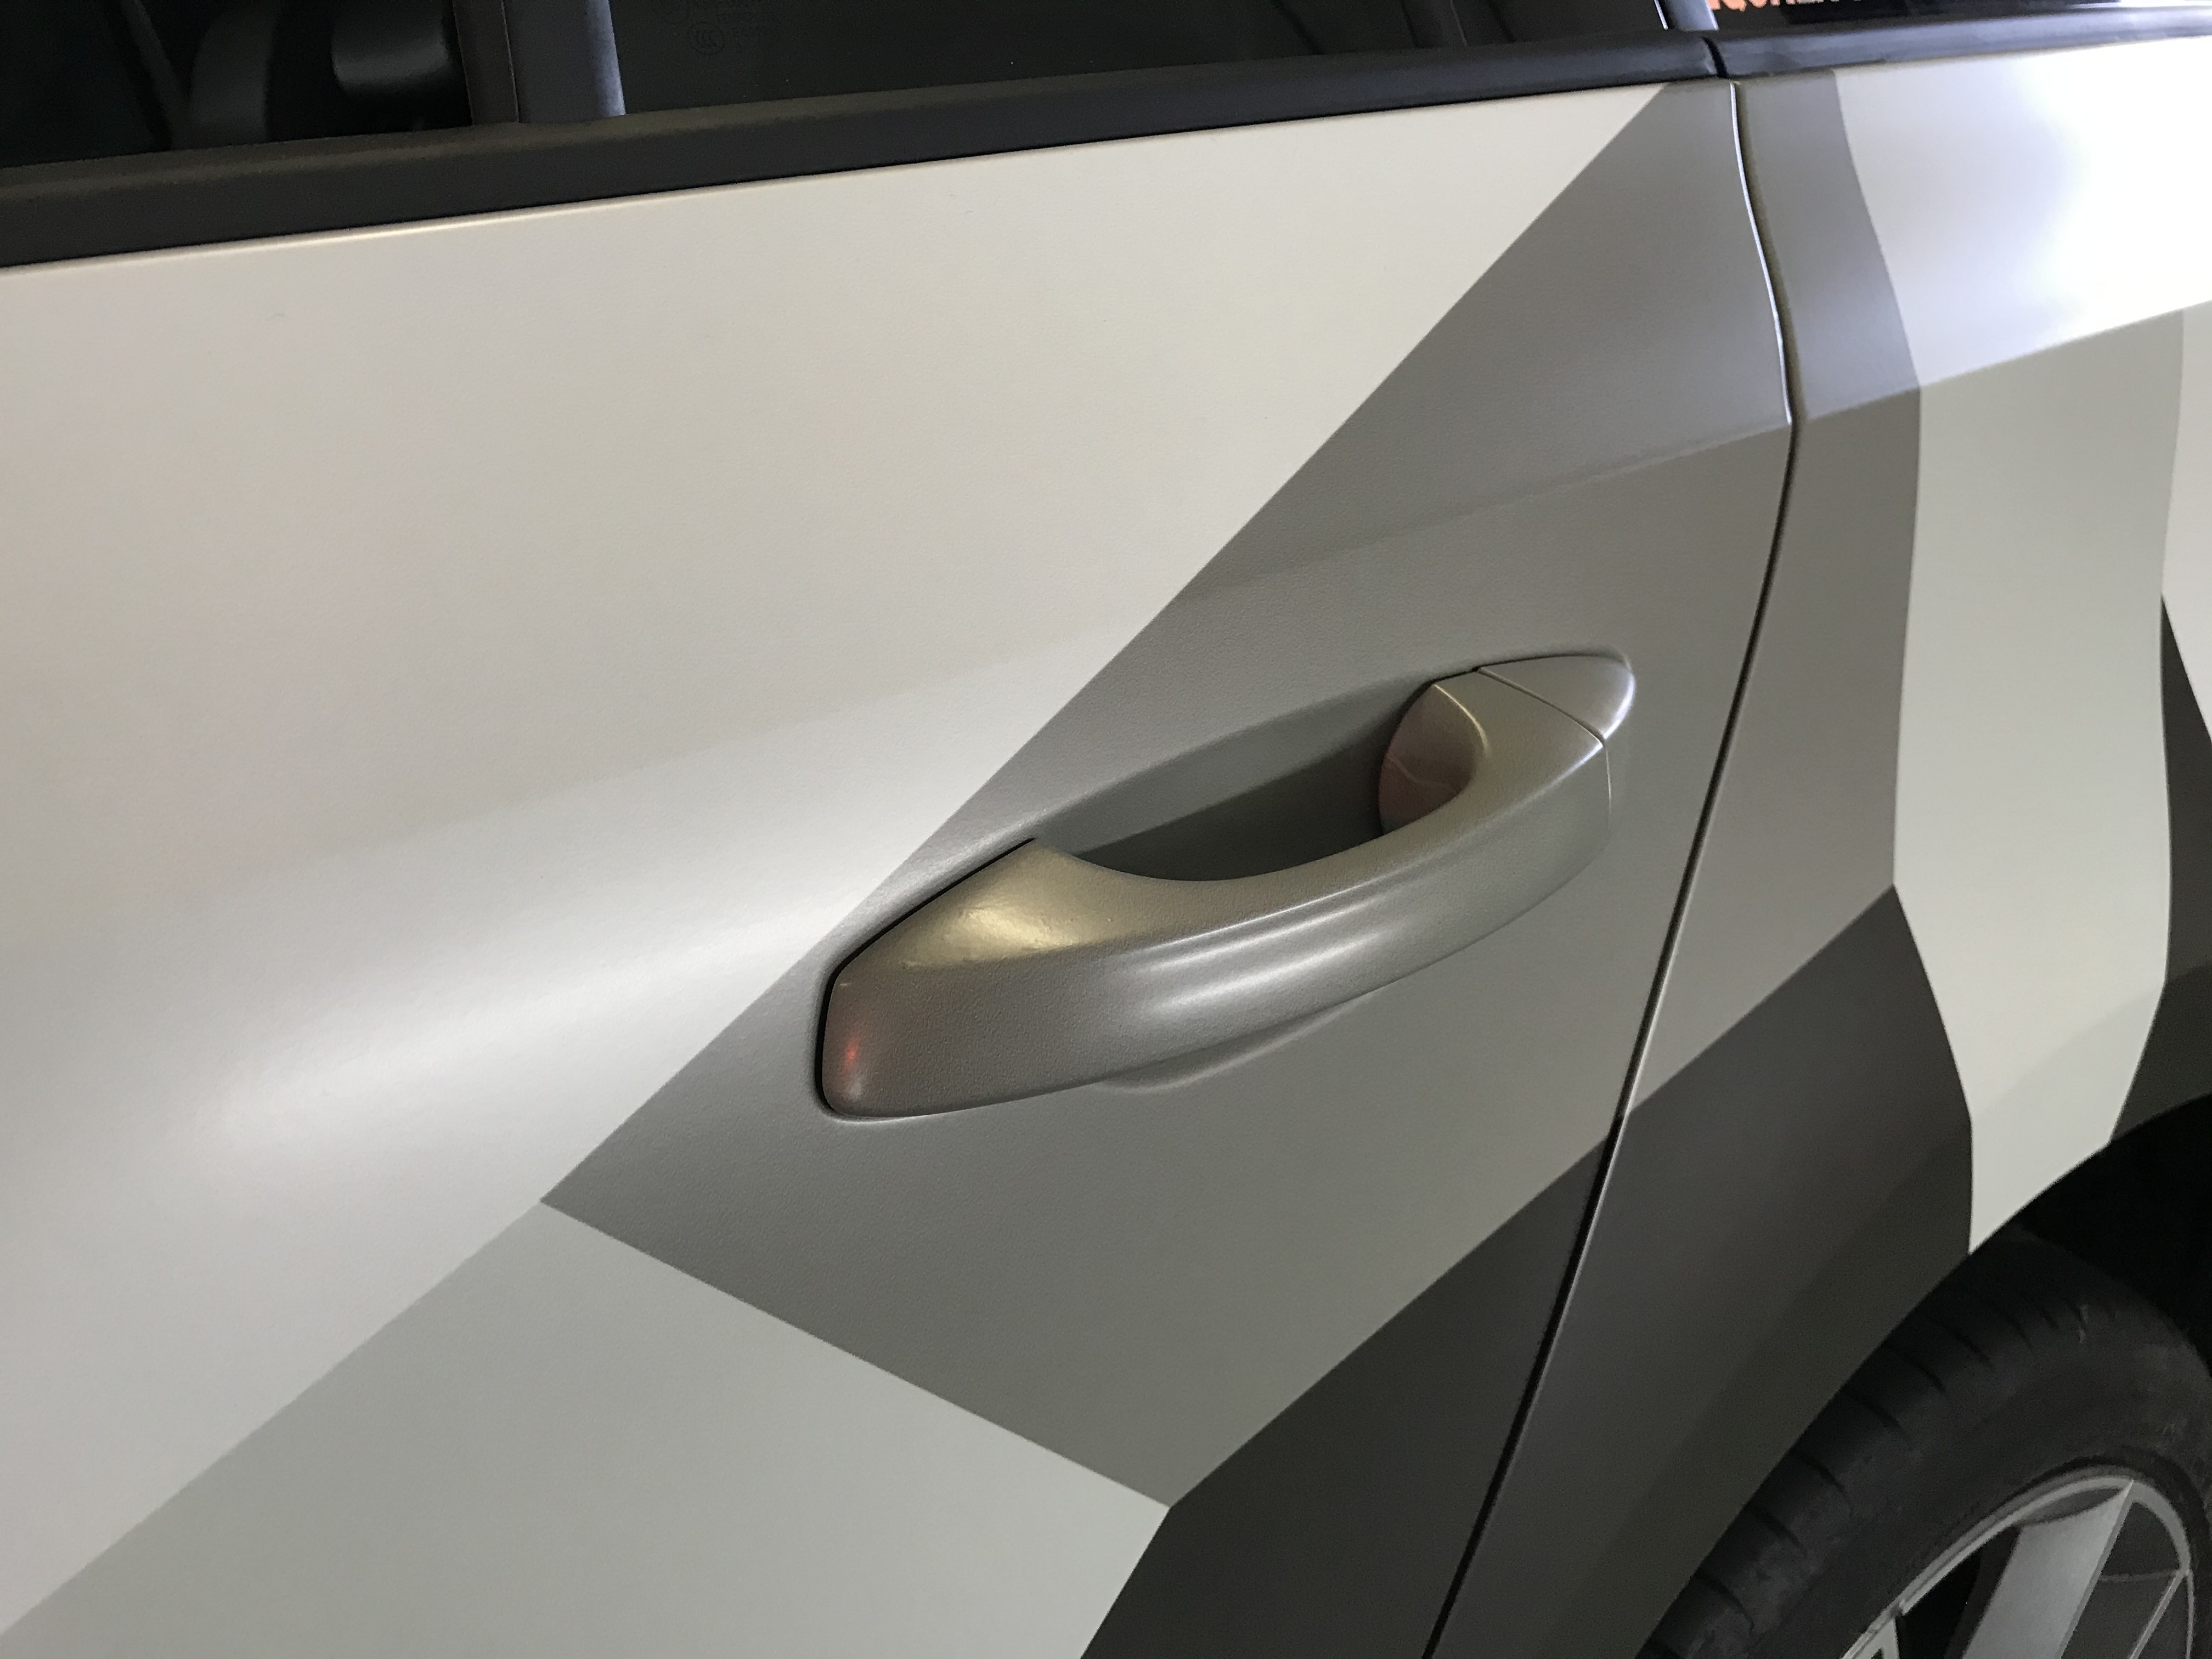 Skoda Octavia RS - Bear's Carwrap & Sign Workshop